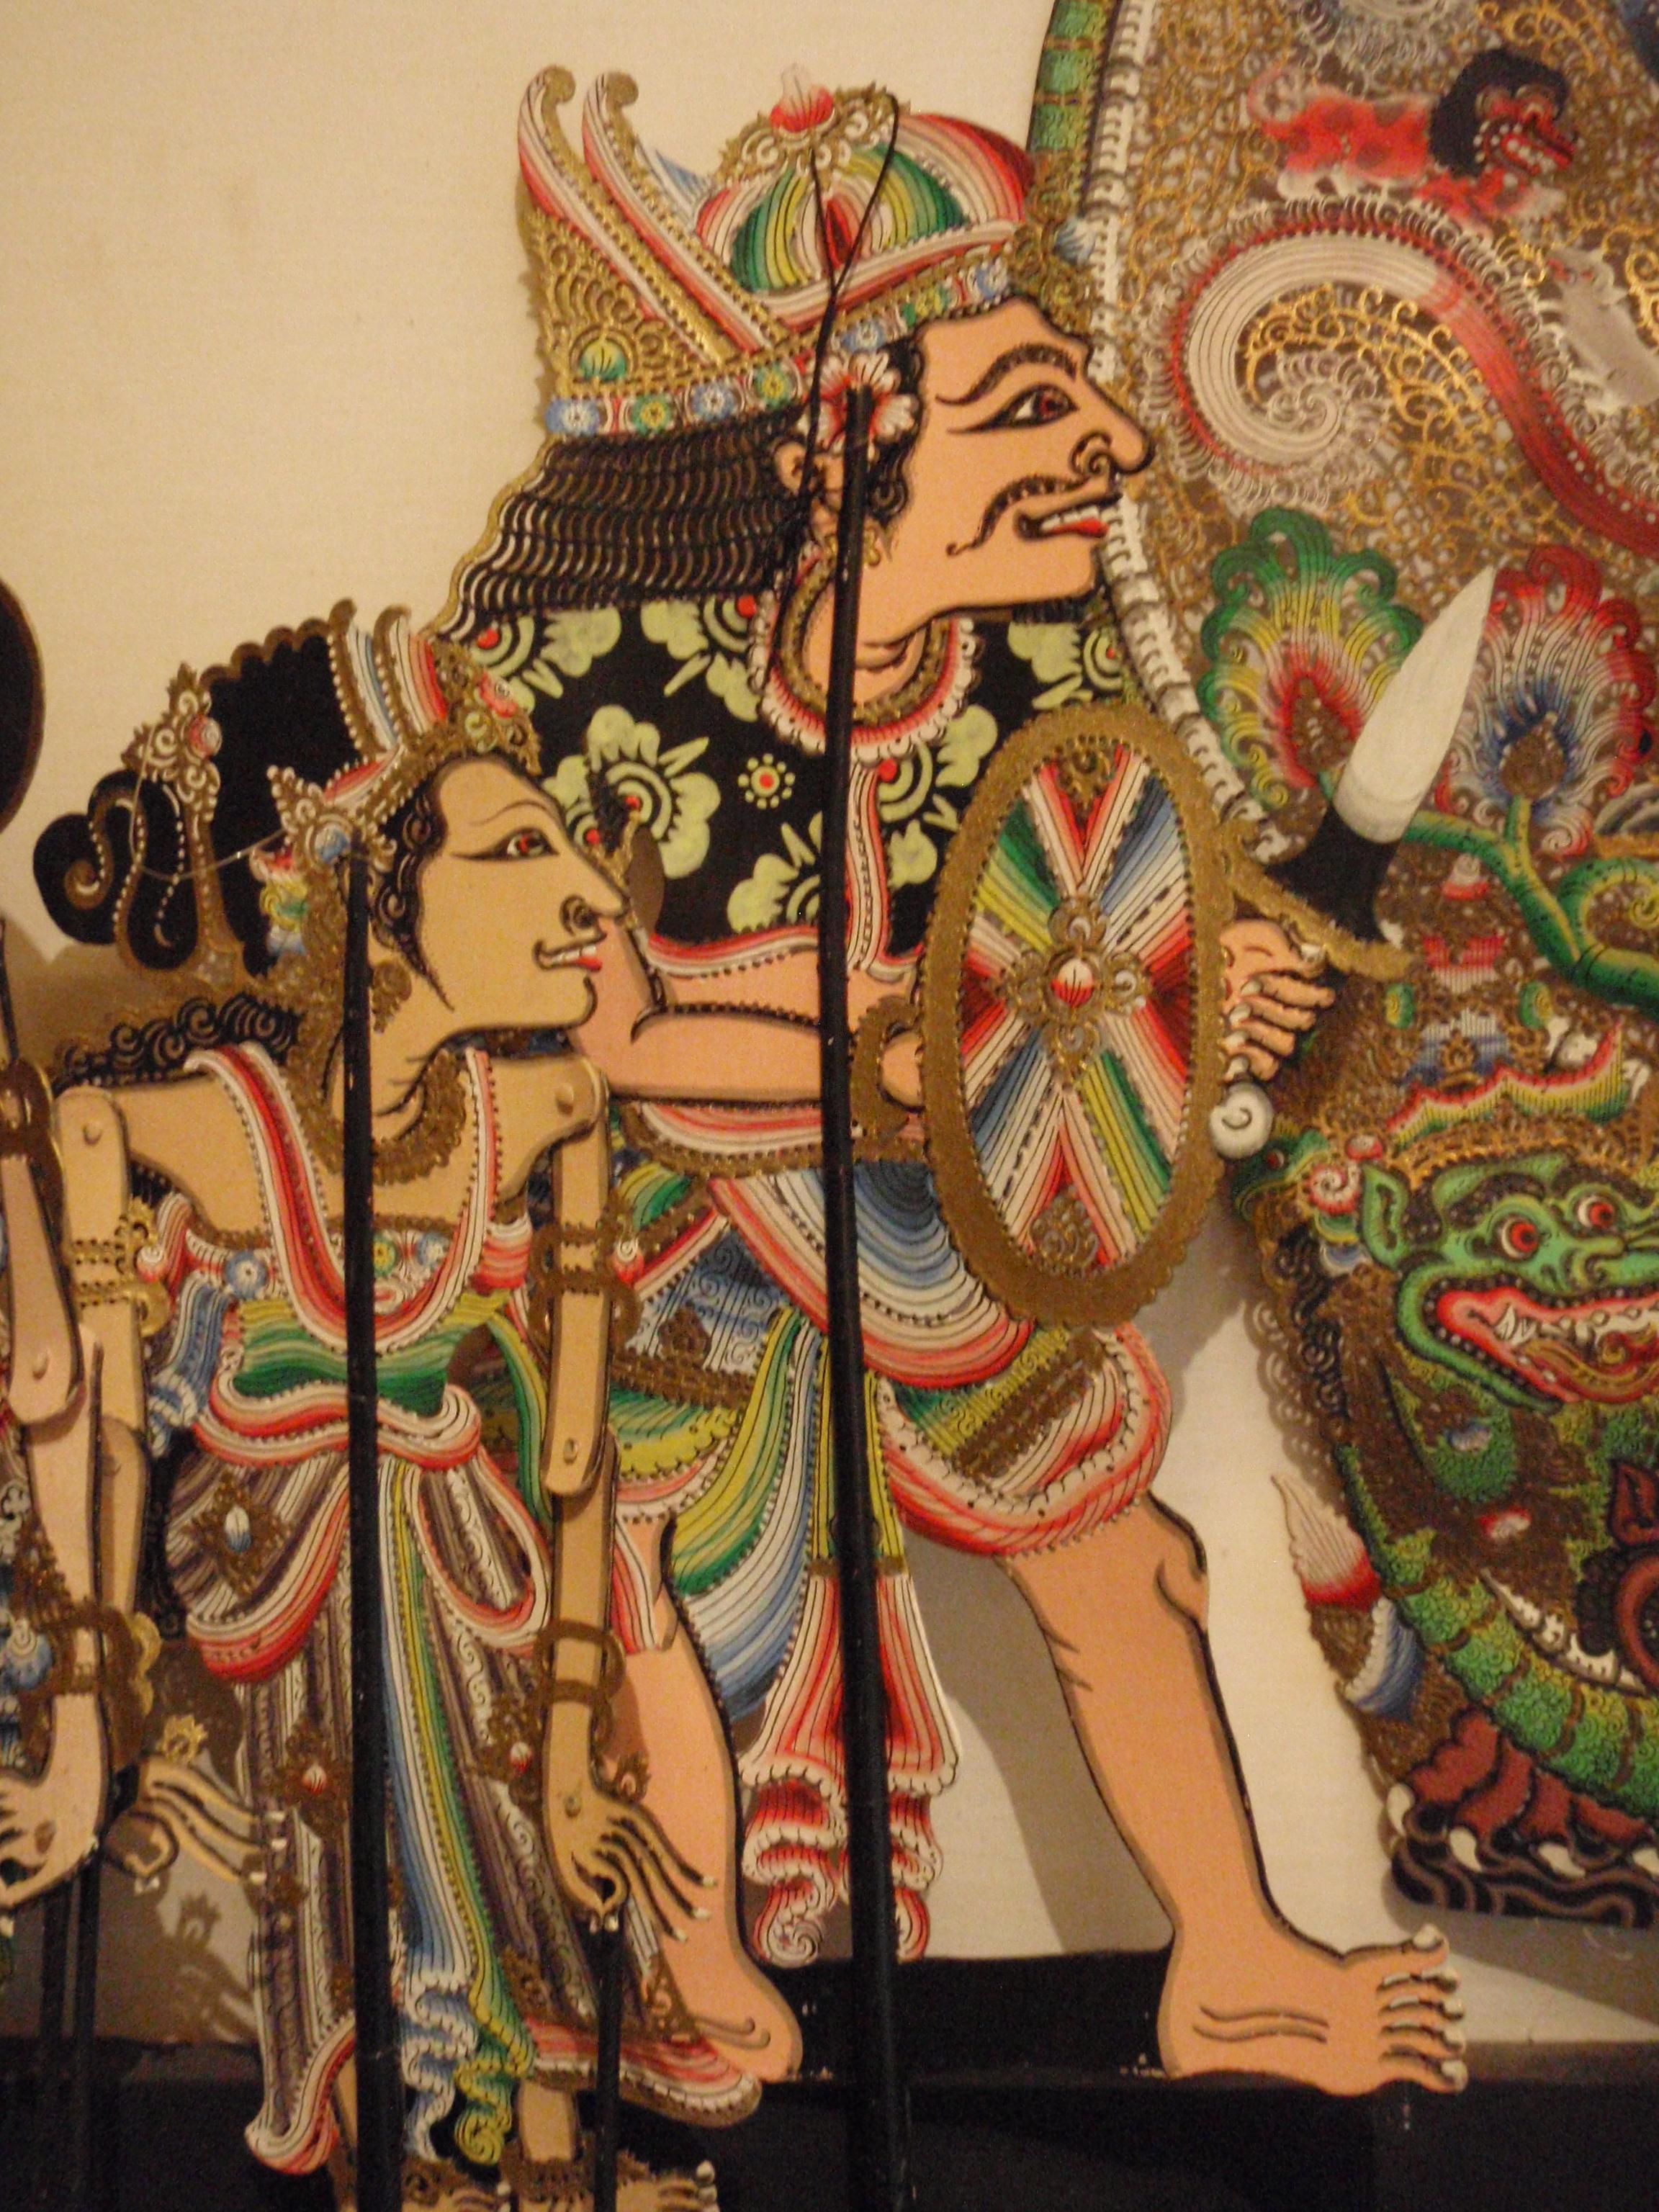 Wayang <em>kulit</em> babad (Bali) présente des chroniques basées sur l'histoire balinaise et les dynasties dominantes de l'île, créateur du wayang : I Wayan Nartha (Sukawati, Gianyar, Bali). Collection : Setia Darma House of Masks and Puppets, Gianyar, Bali, Indonésie.